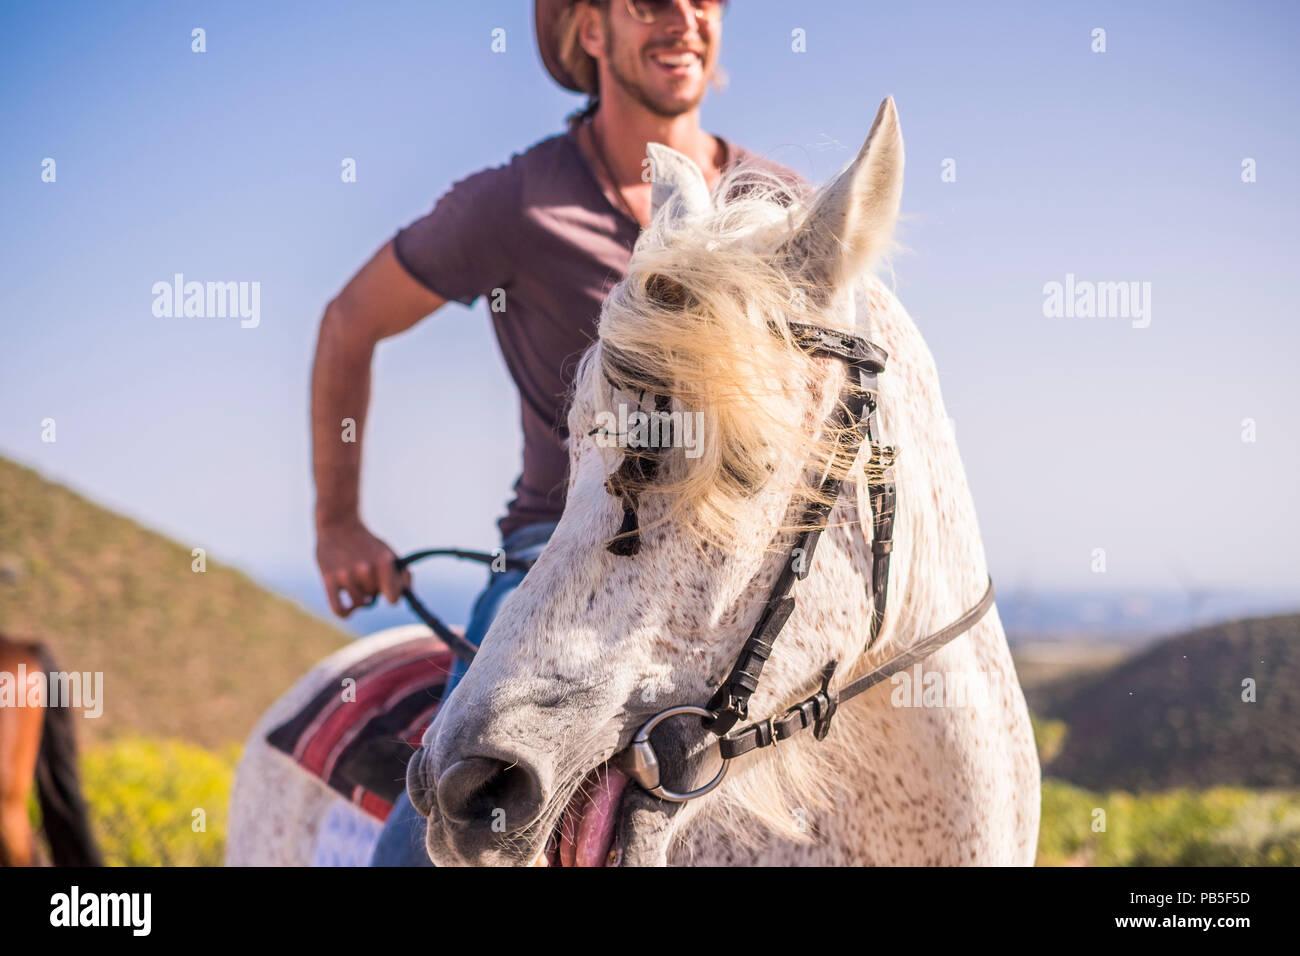 Der moderne Mensch cowboy eine natürliche und alternative Lifestyle auf einem weißen Pferd genießen. Freundschaft und Natur für schöne Menschen, einen differen Stockbild